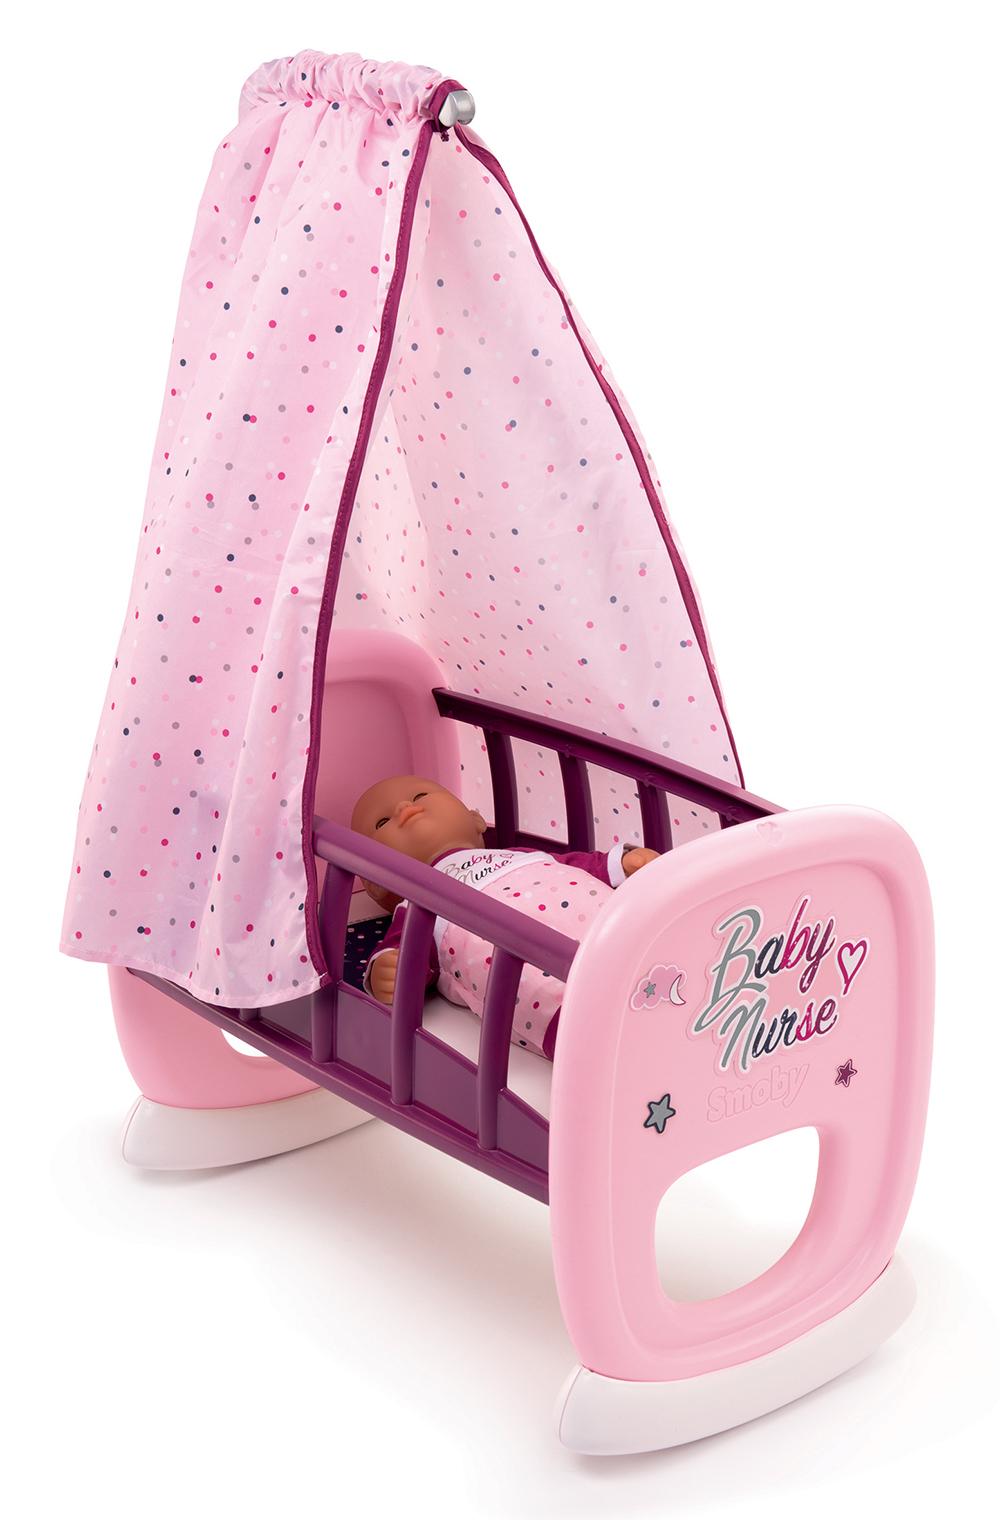 Baby Nurse - Cradle